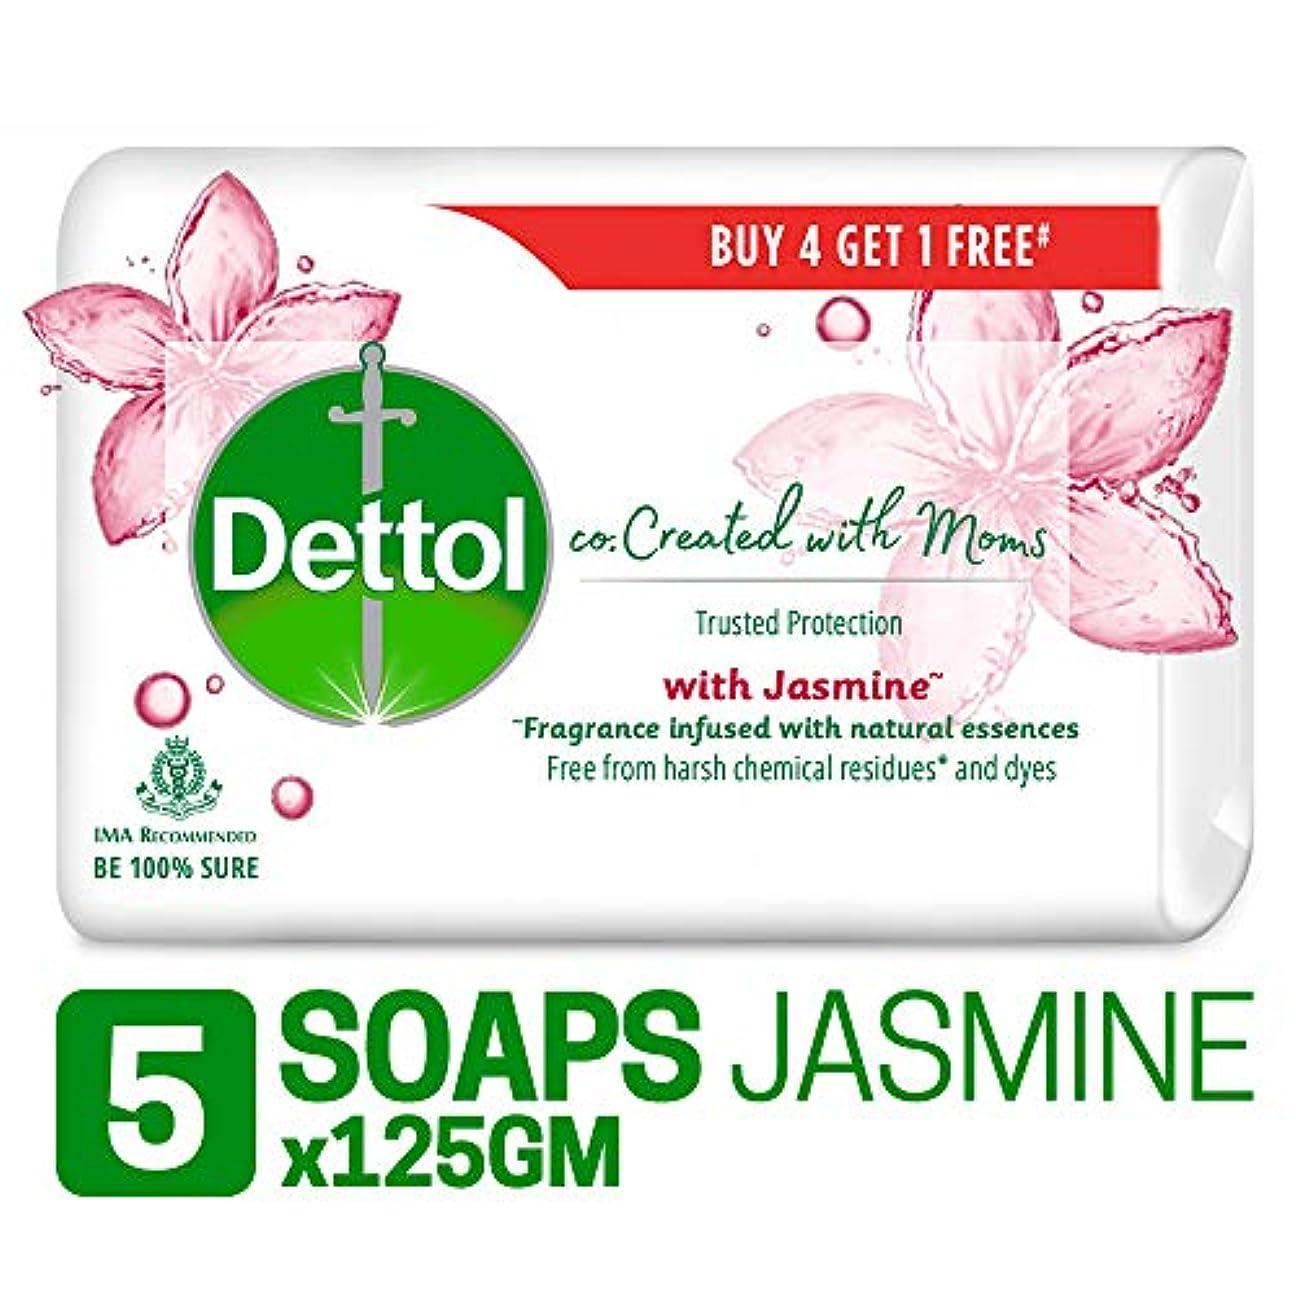 宇宙飛行士レザー匹敵しますDettol Co-created with moms Jasmine Bathing Soap, 125gm (Buy 4 Get 1 Free)